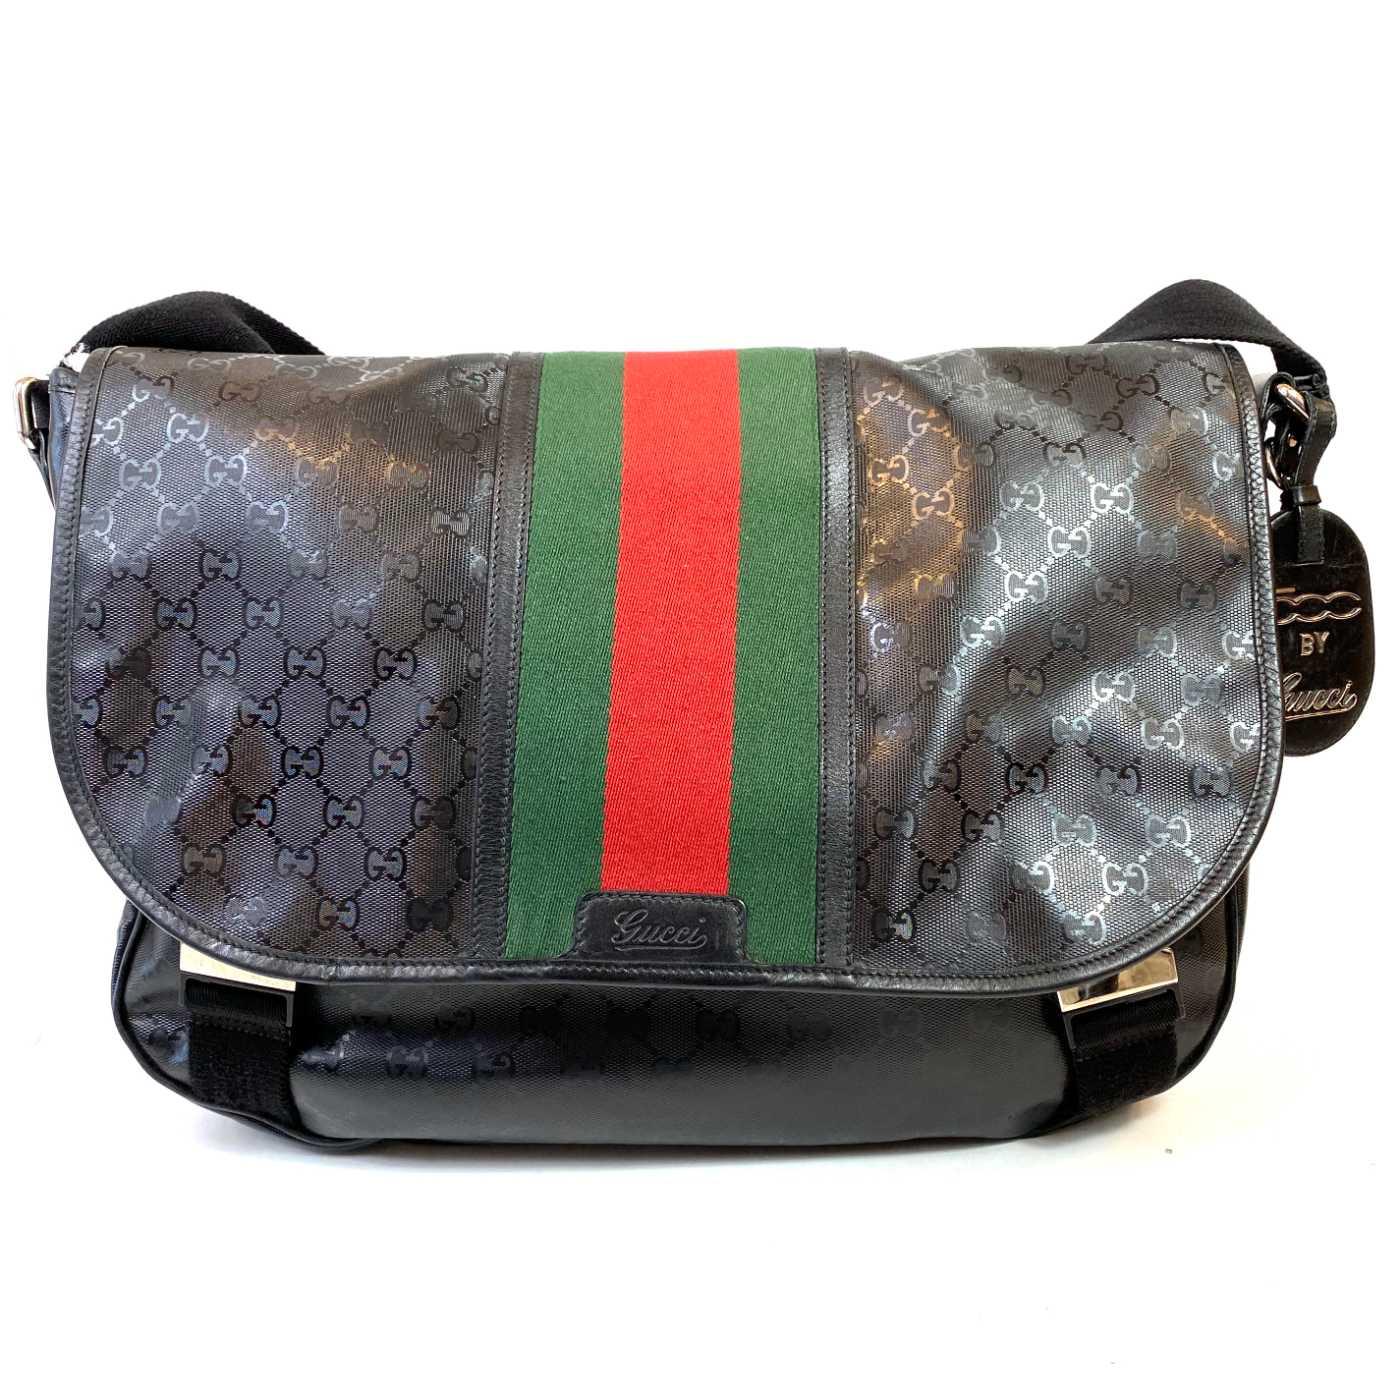 Bolsa Gucci Imprime 500 Messenger